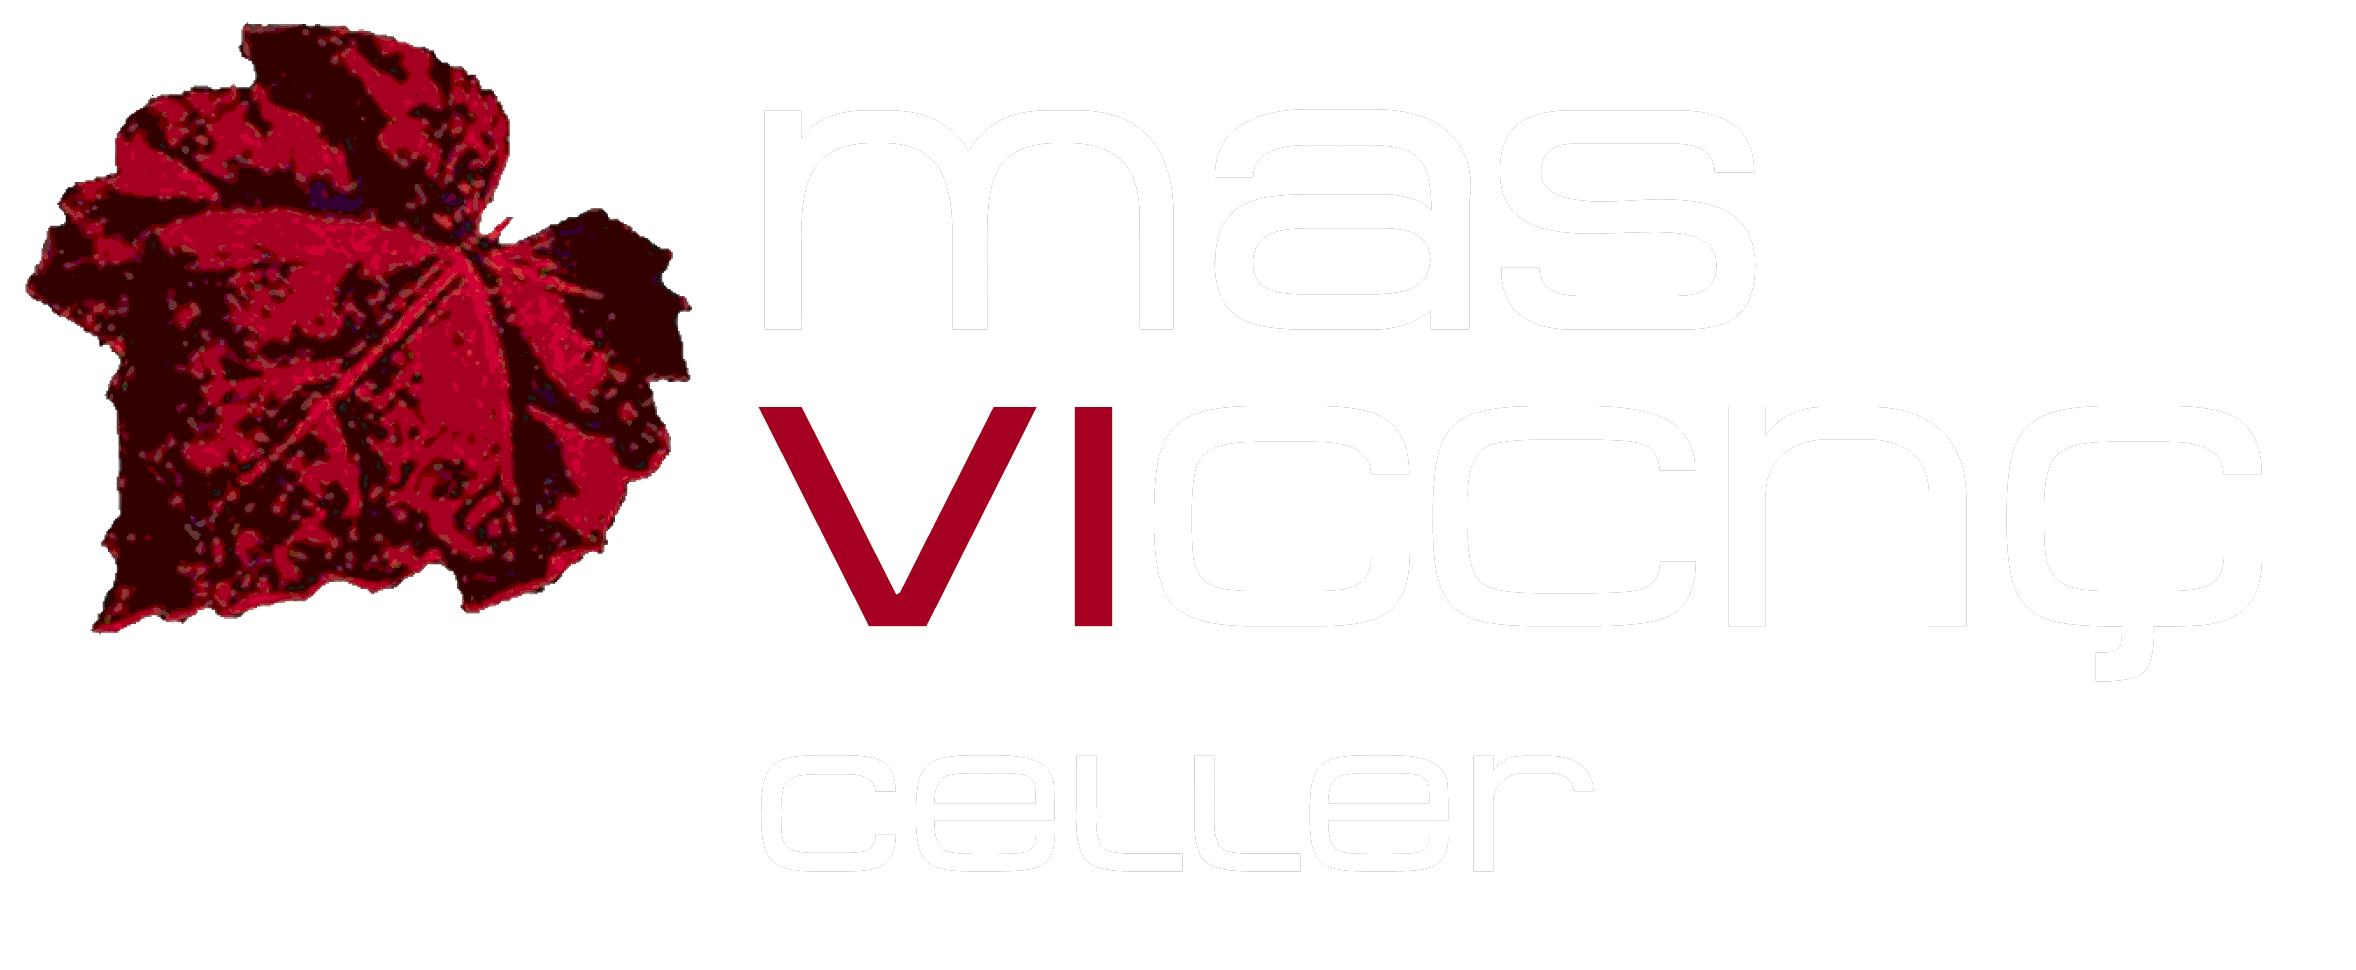 Celler Mas Vicenç | Re-evolucionant la tradició